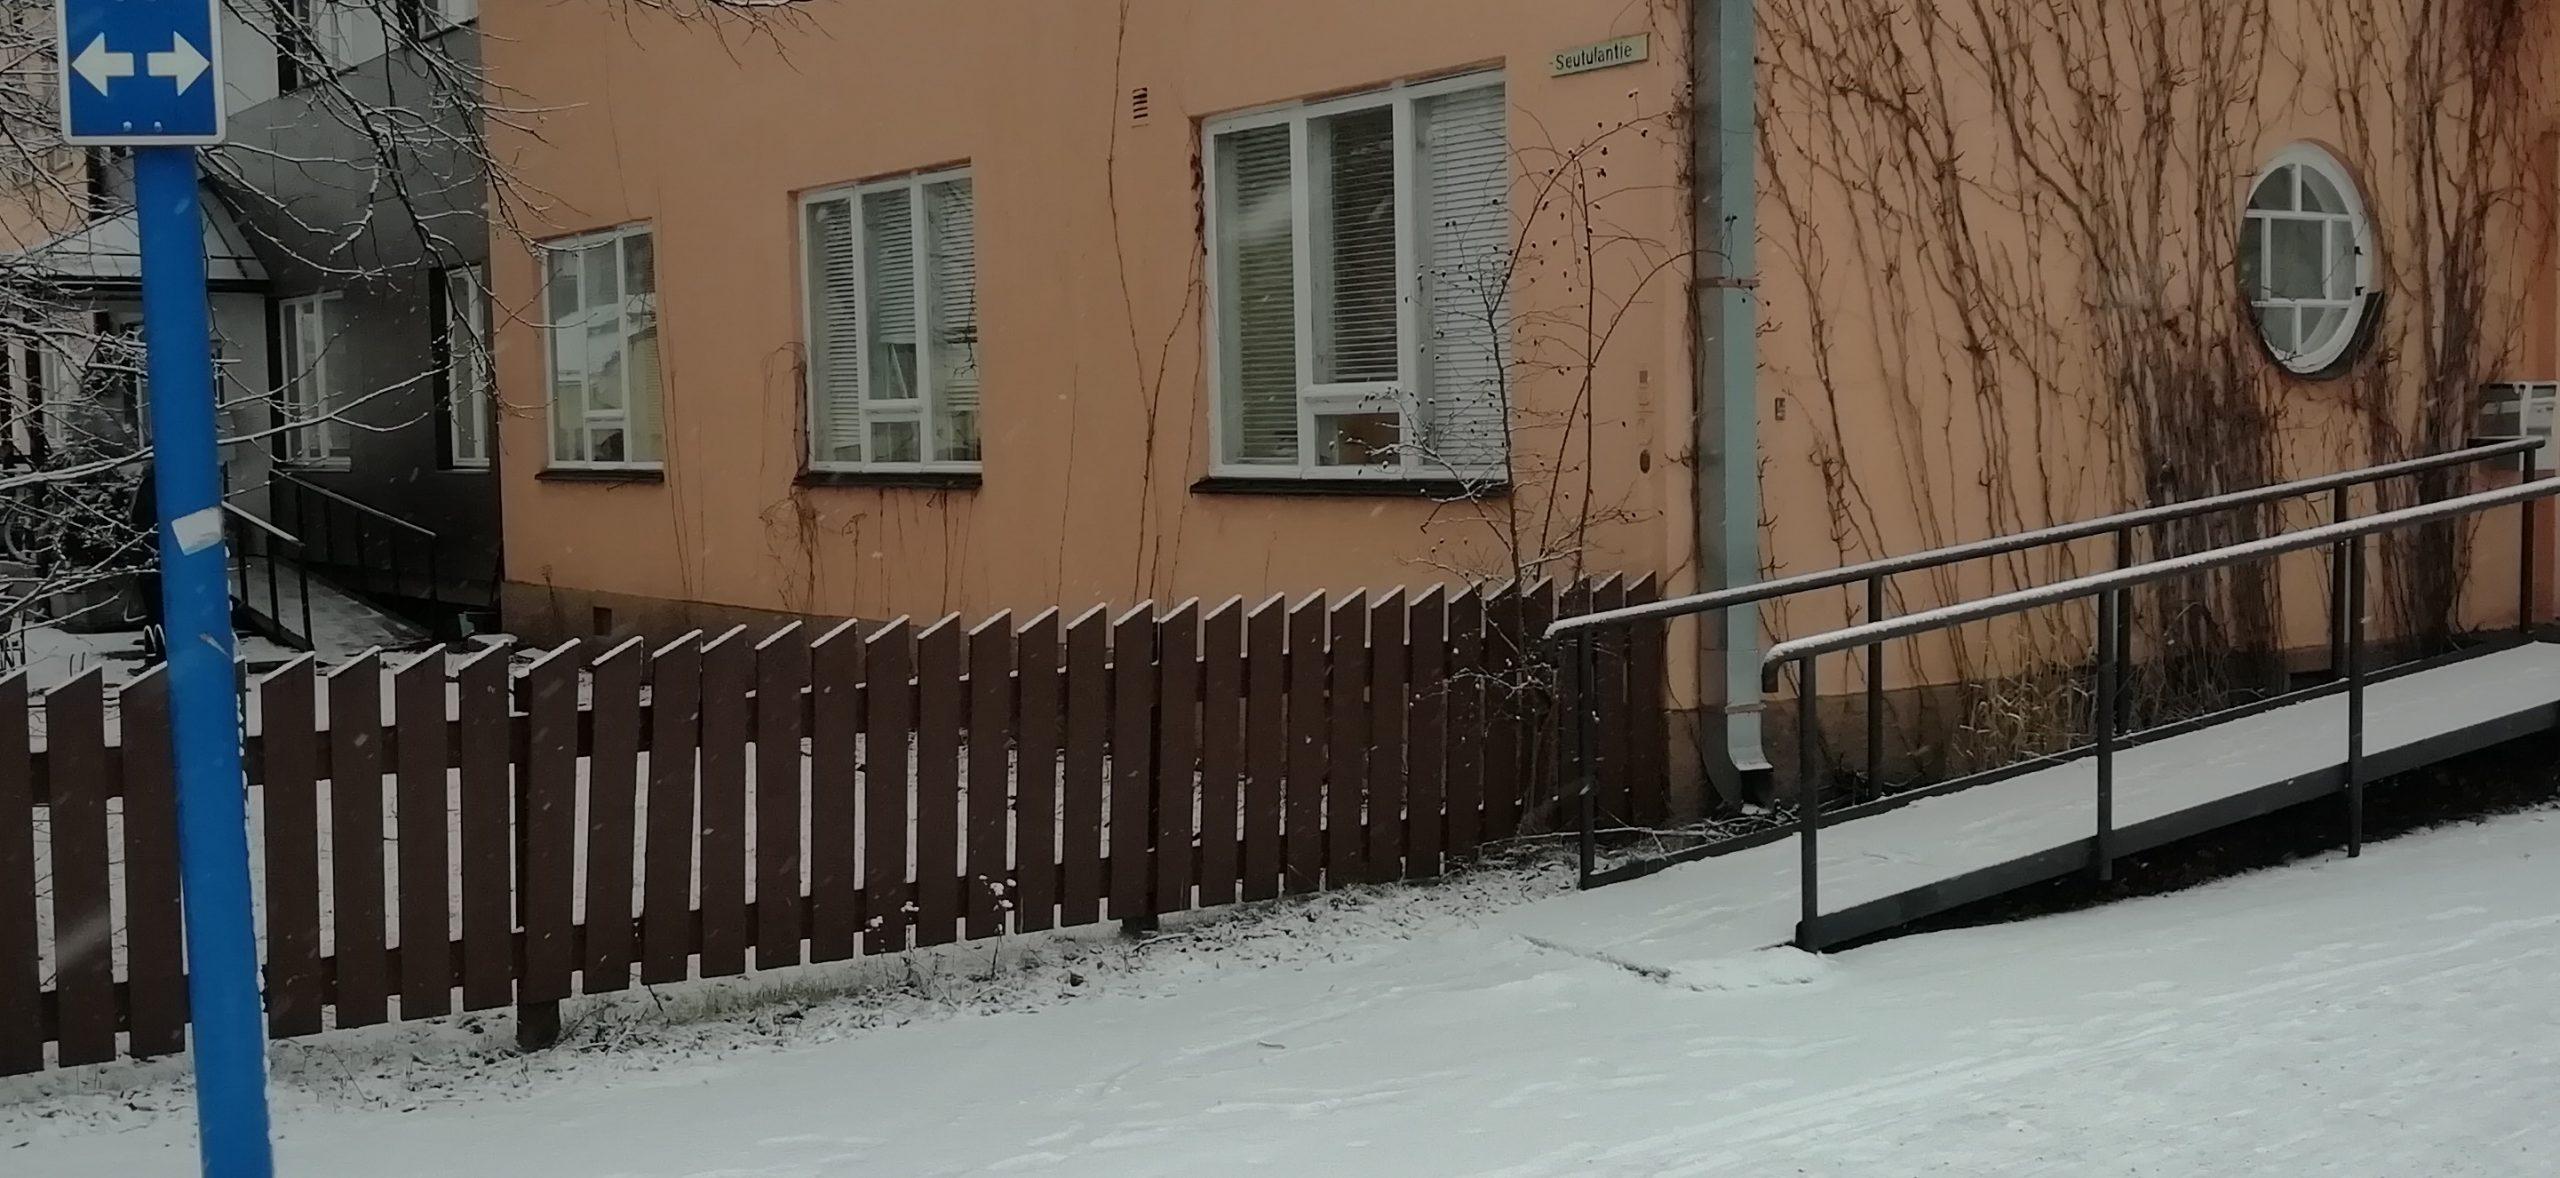 Tuusulanjärven Klubitalo